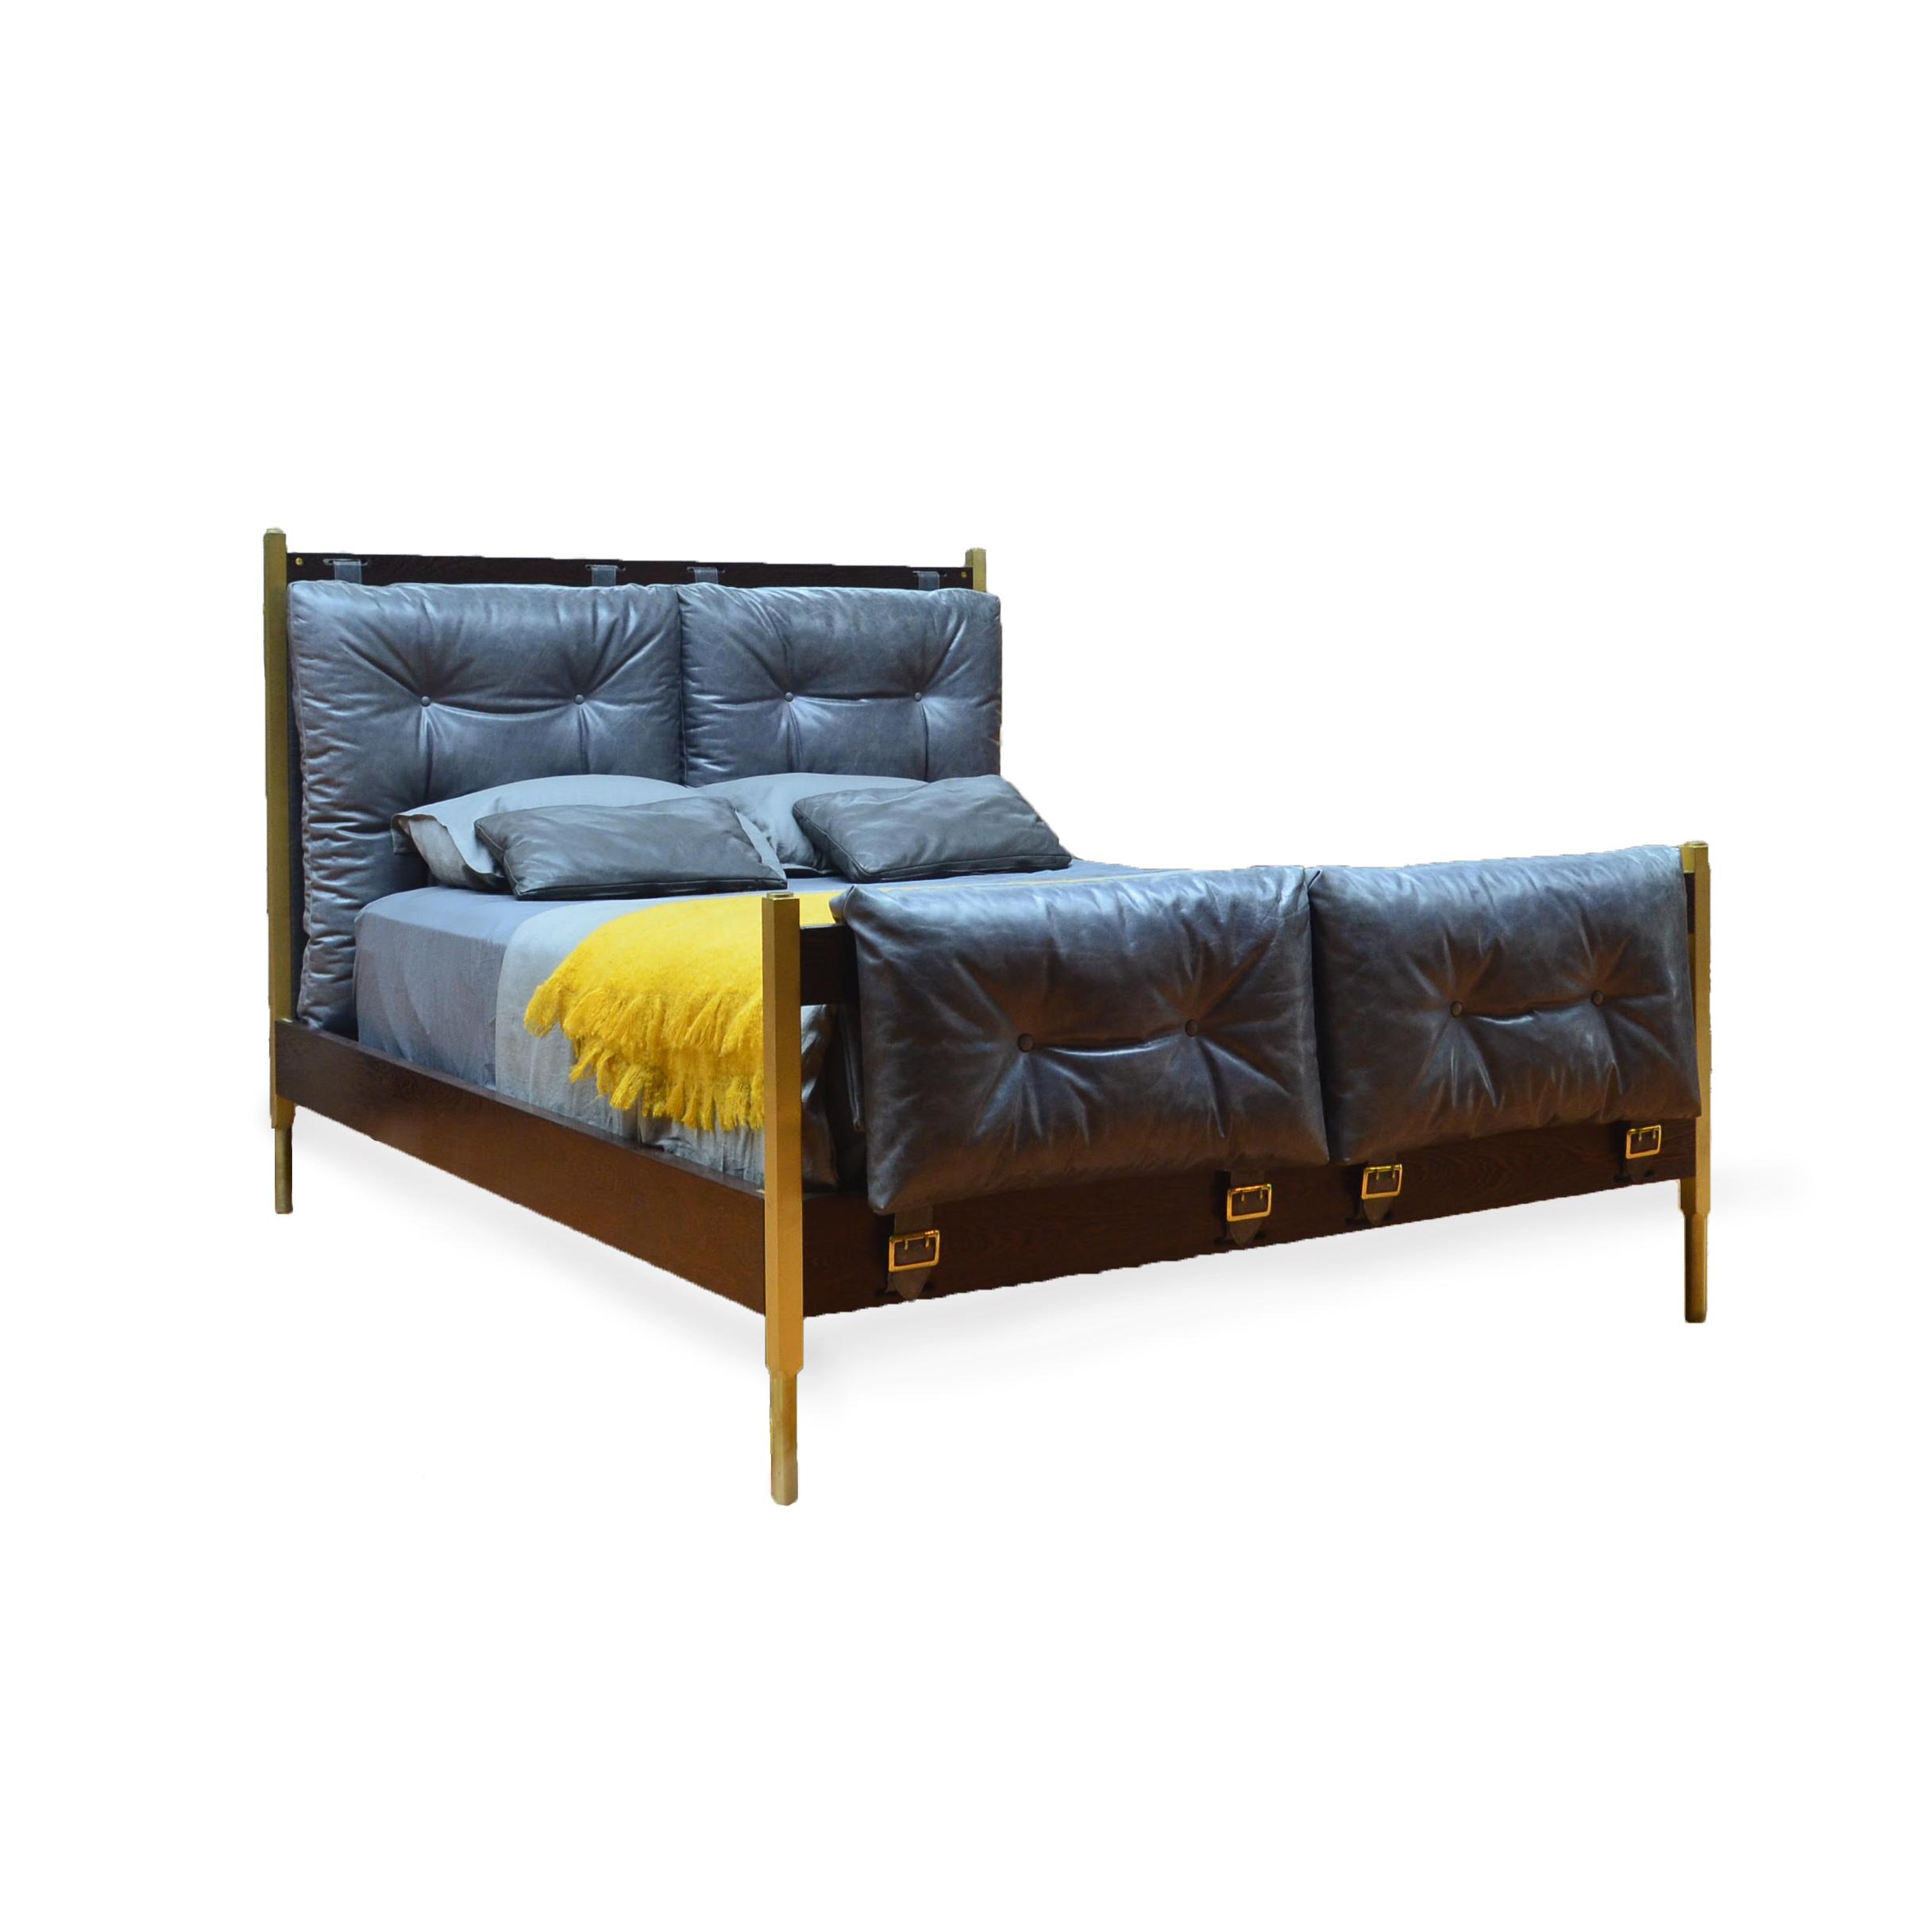 Campanha Bed by DELAVEGA DESIGNS